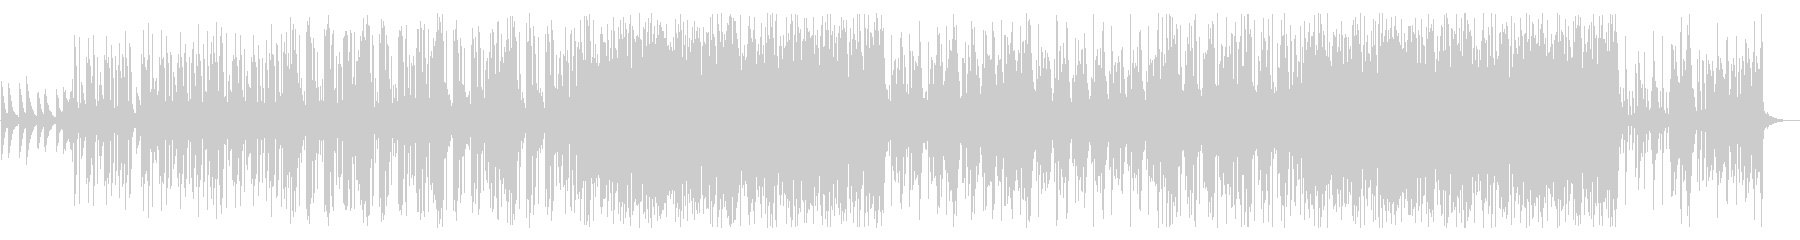 ミドルテンポのEDMトラックの未再生の波形